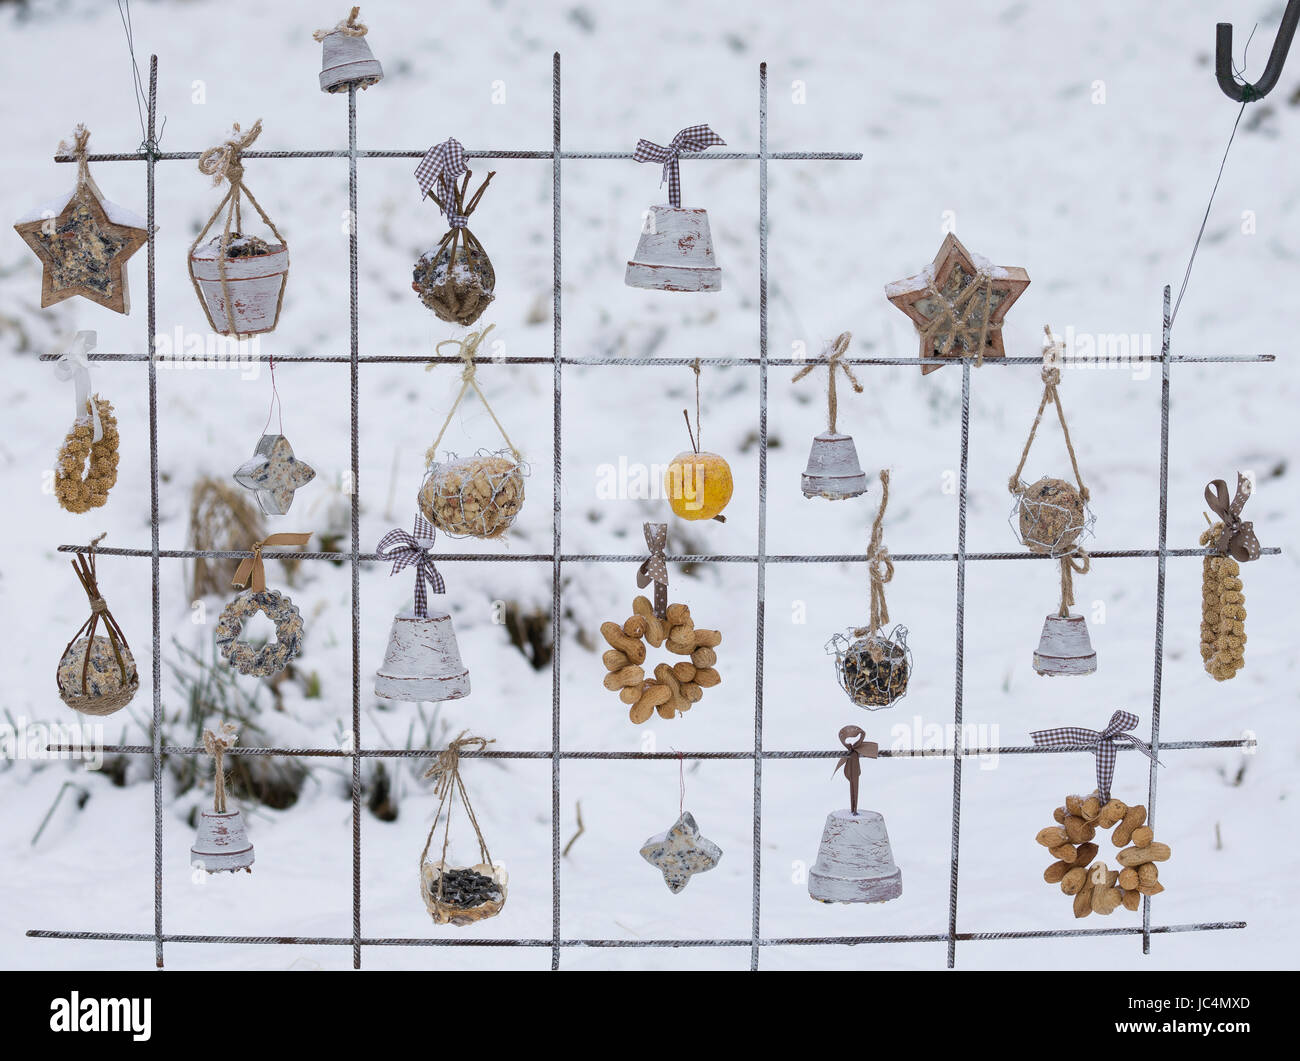 Futtergitter für Vögel, Vogelfutter-Spalier, Vogelfutter-Gitter, Selbstgemachtes Vogelfutter, Vogelfütterung, - Stock Image